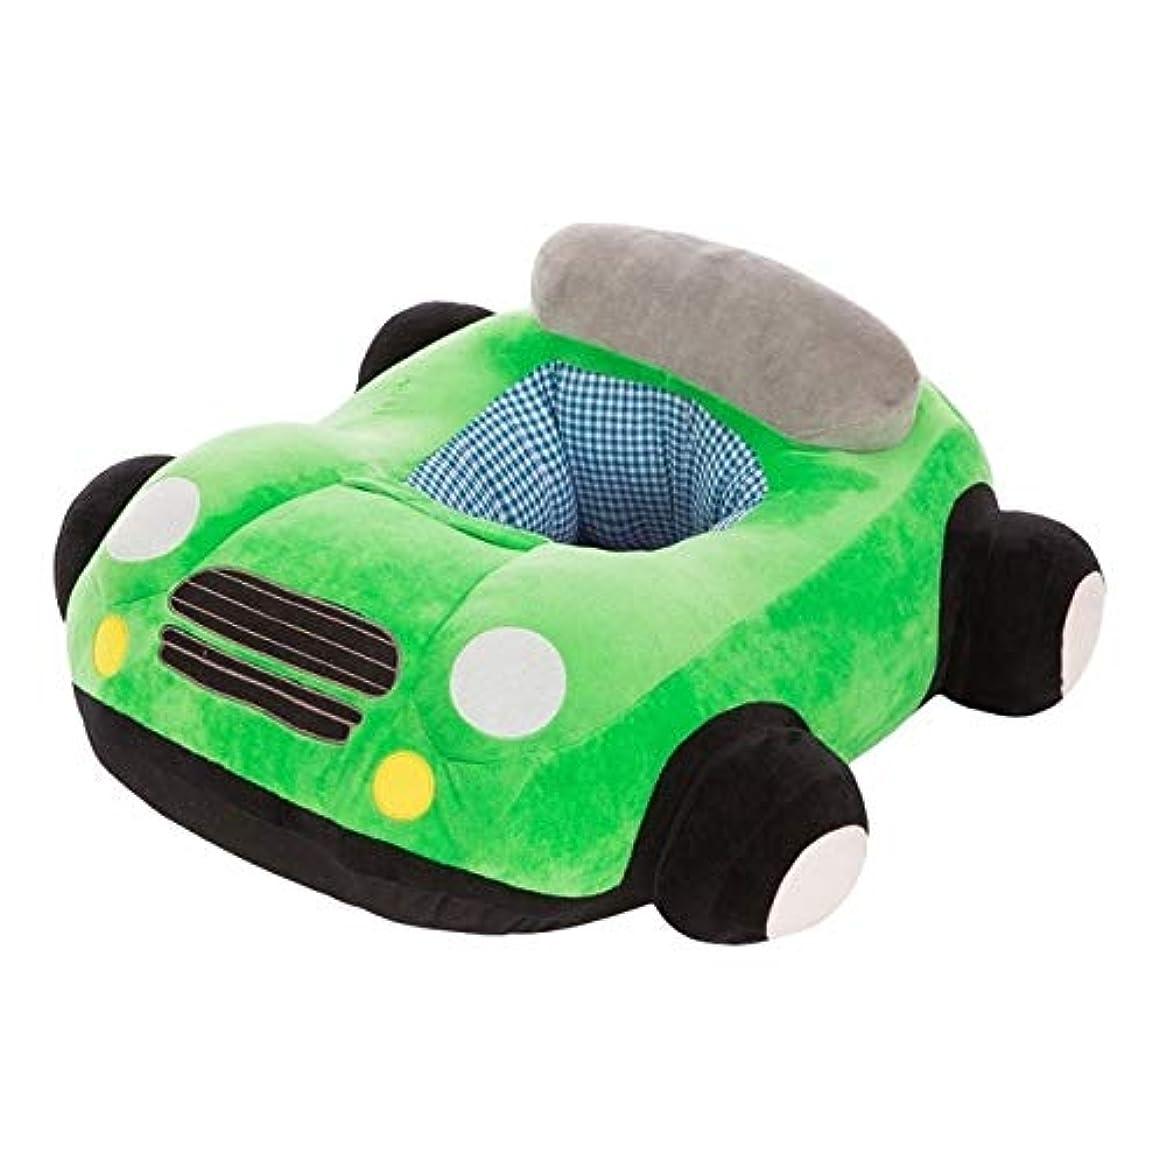 兵士ミトンブレーキベビー用品 ベビーシートソファ漫画椅子おもちゃ車のソファ ベビー用品 (色 : Green)